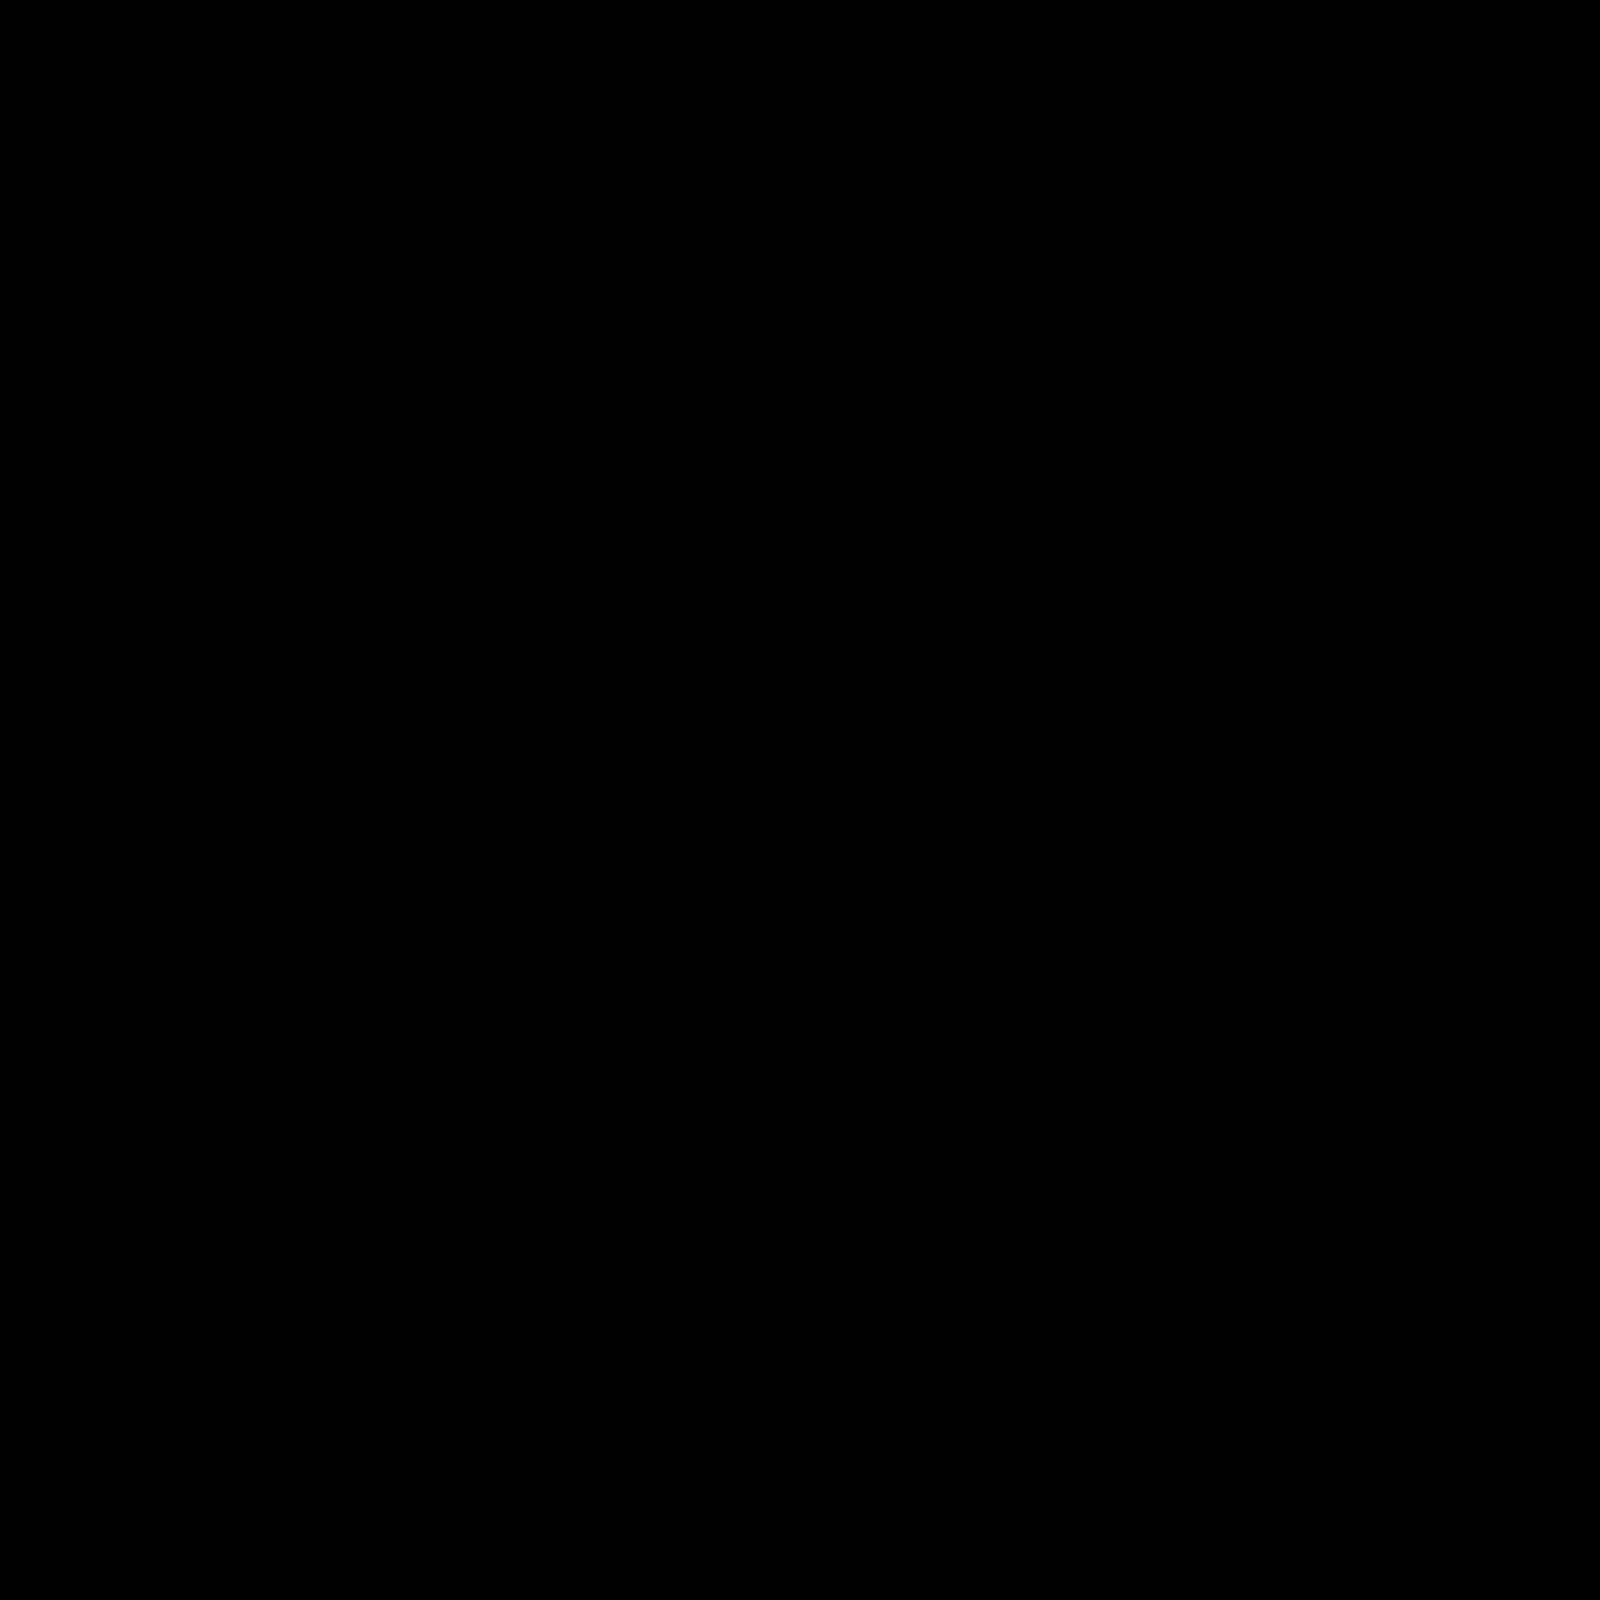 亚当·桑德勒 icon